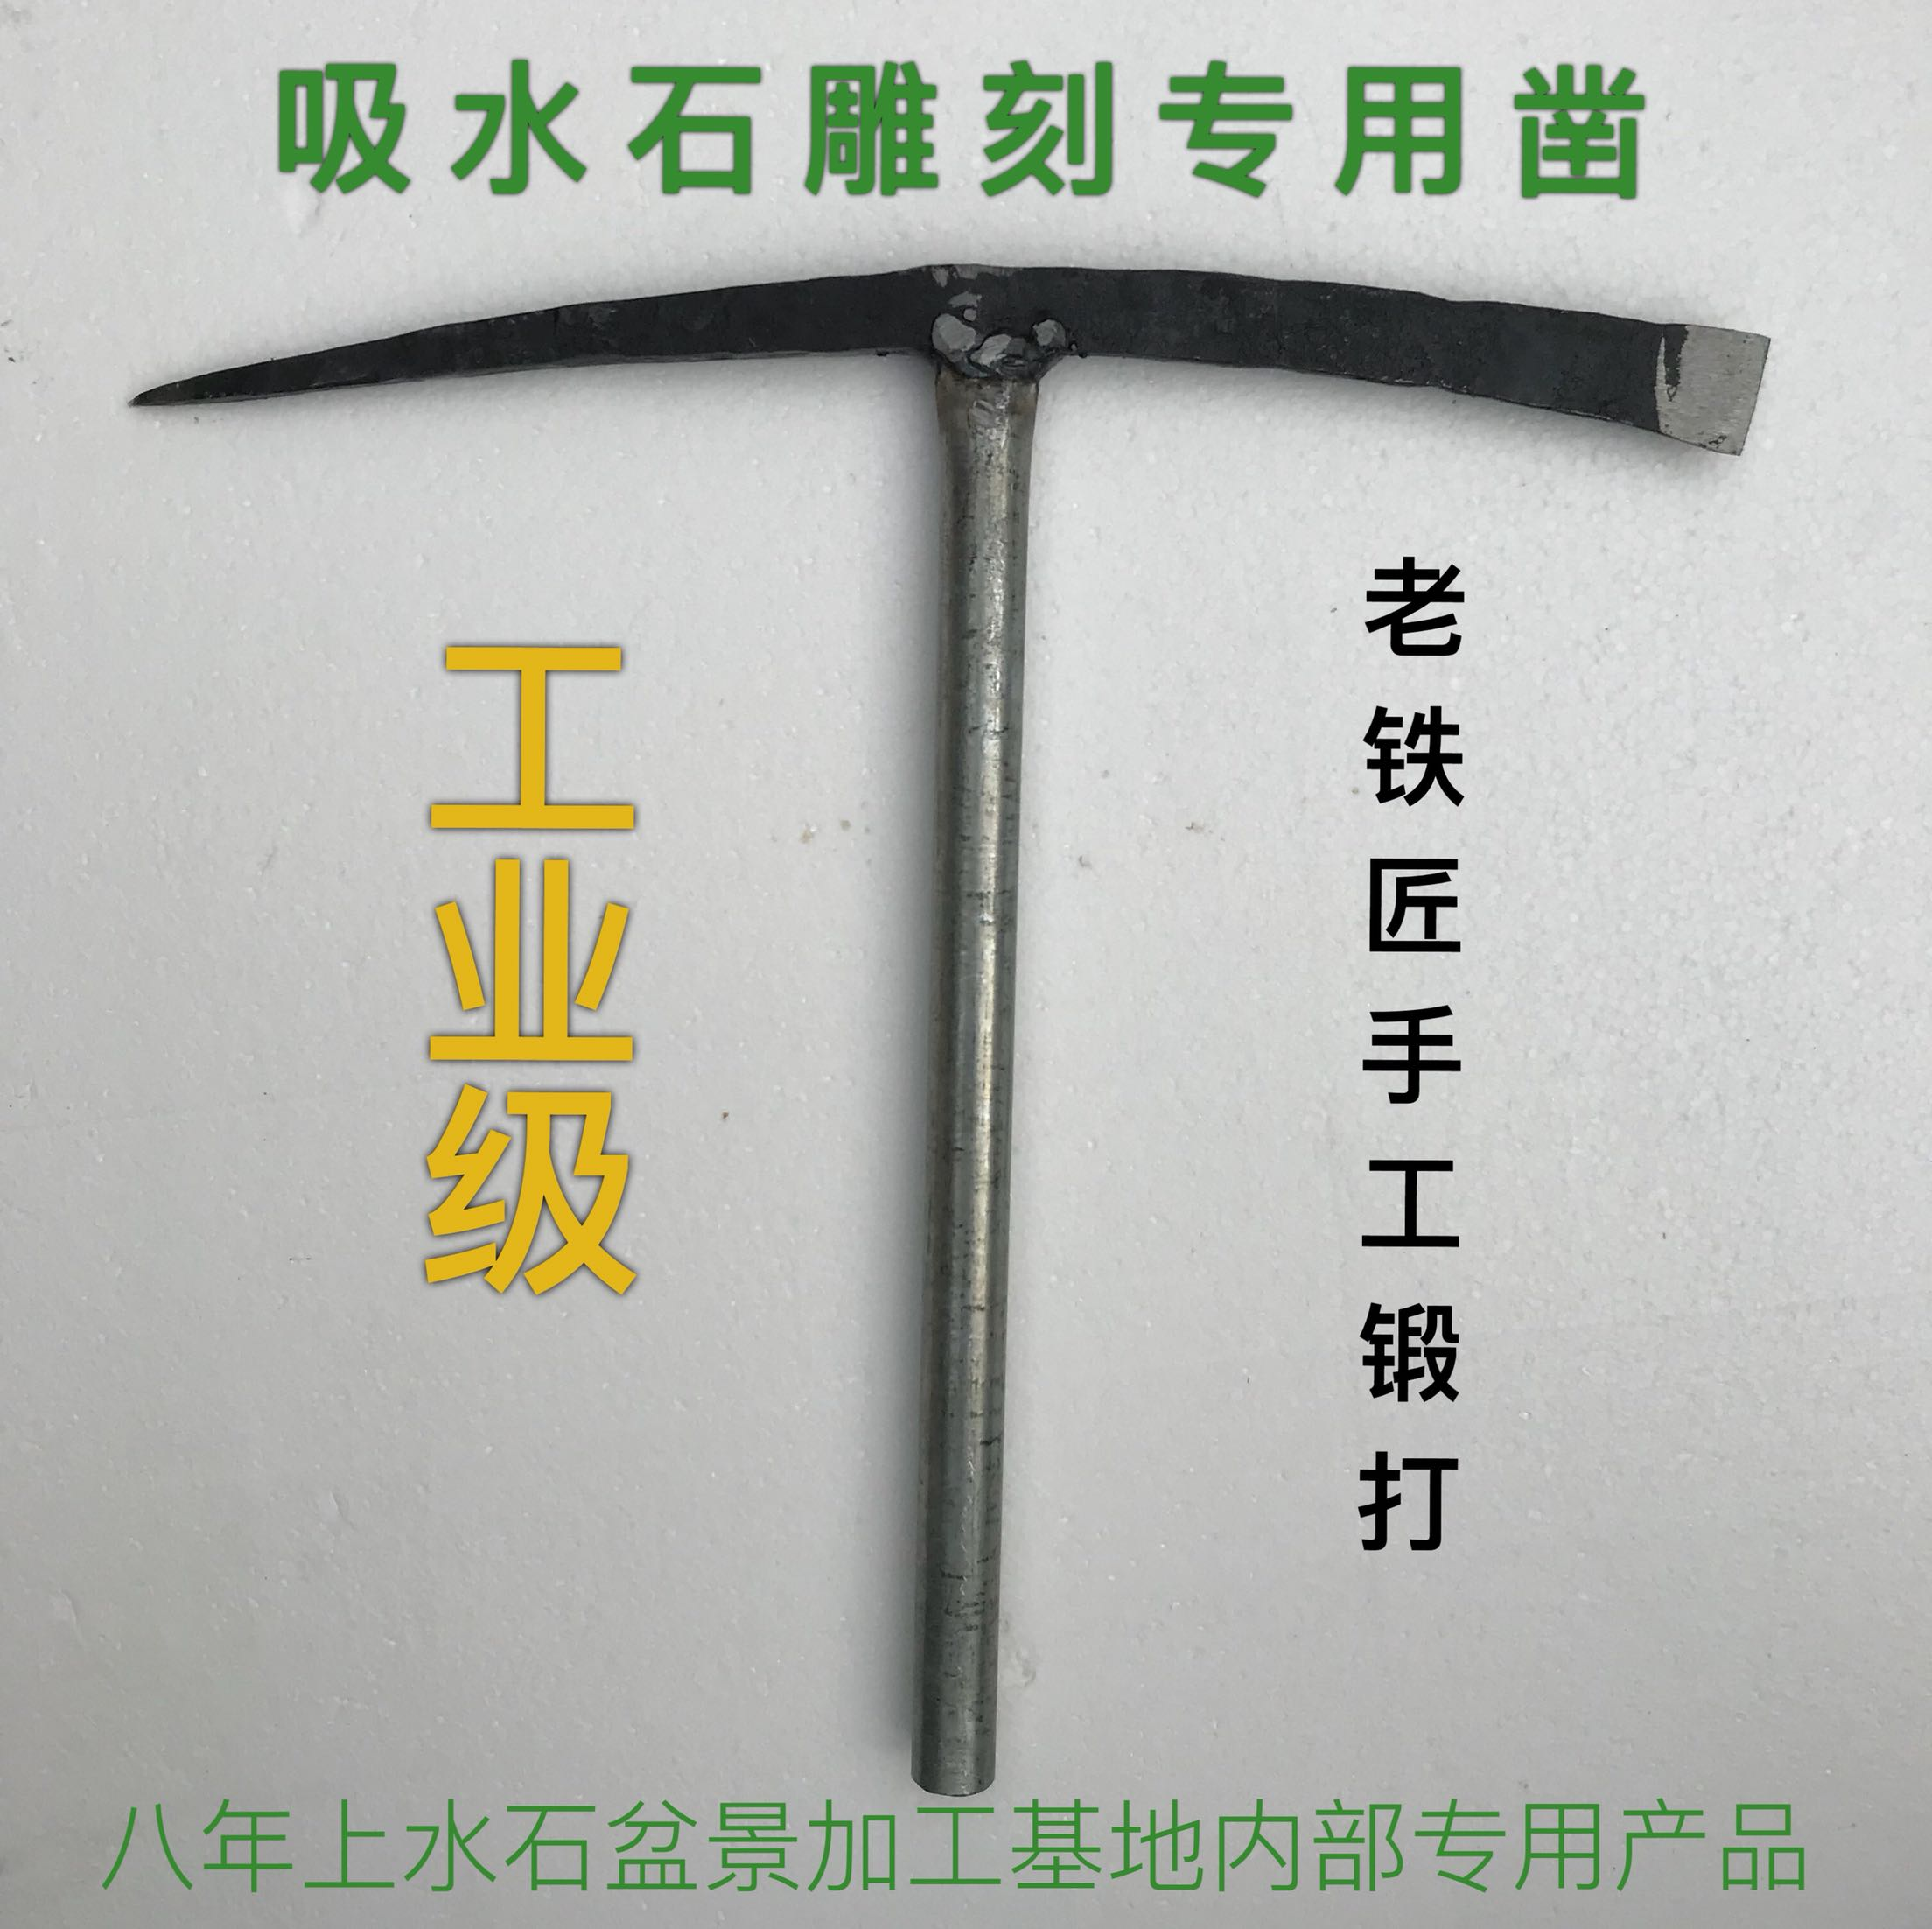 Природный sheung-шуй камень абсорбент камень карликовое дерево производство обработка специальный инструмент утконос наконечник долото сын железо ремесленник кованое борьба сталь долото